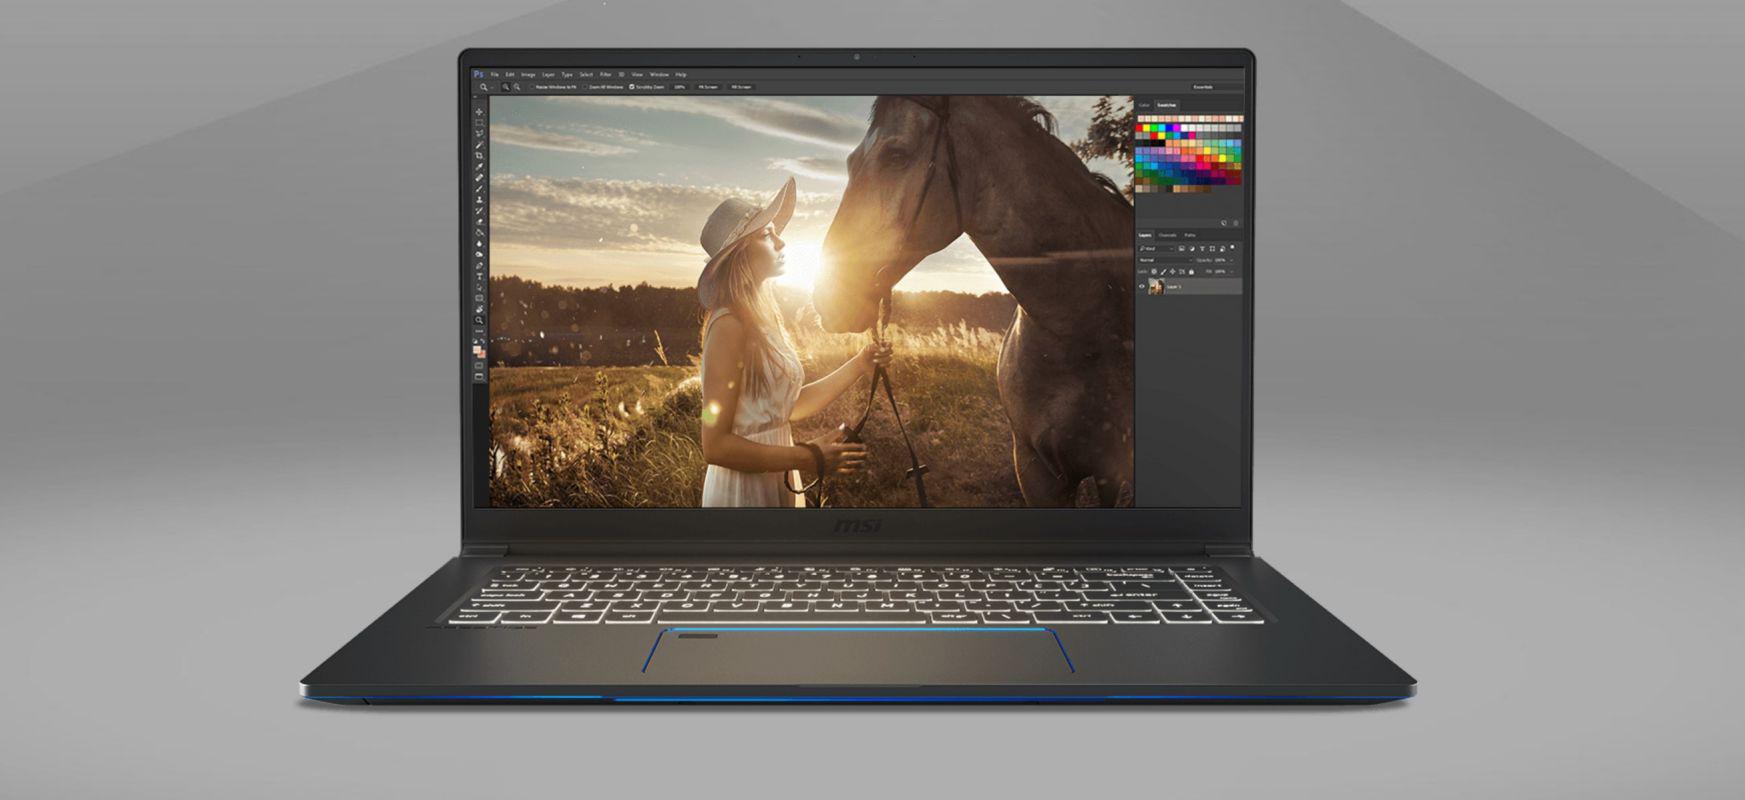 MacBook Pro 16 ez bada, orduan?  MSI Prestige 15 alternatiba bikaina da, bai #HomeOffice-n eta baita ondoren ere